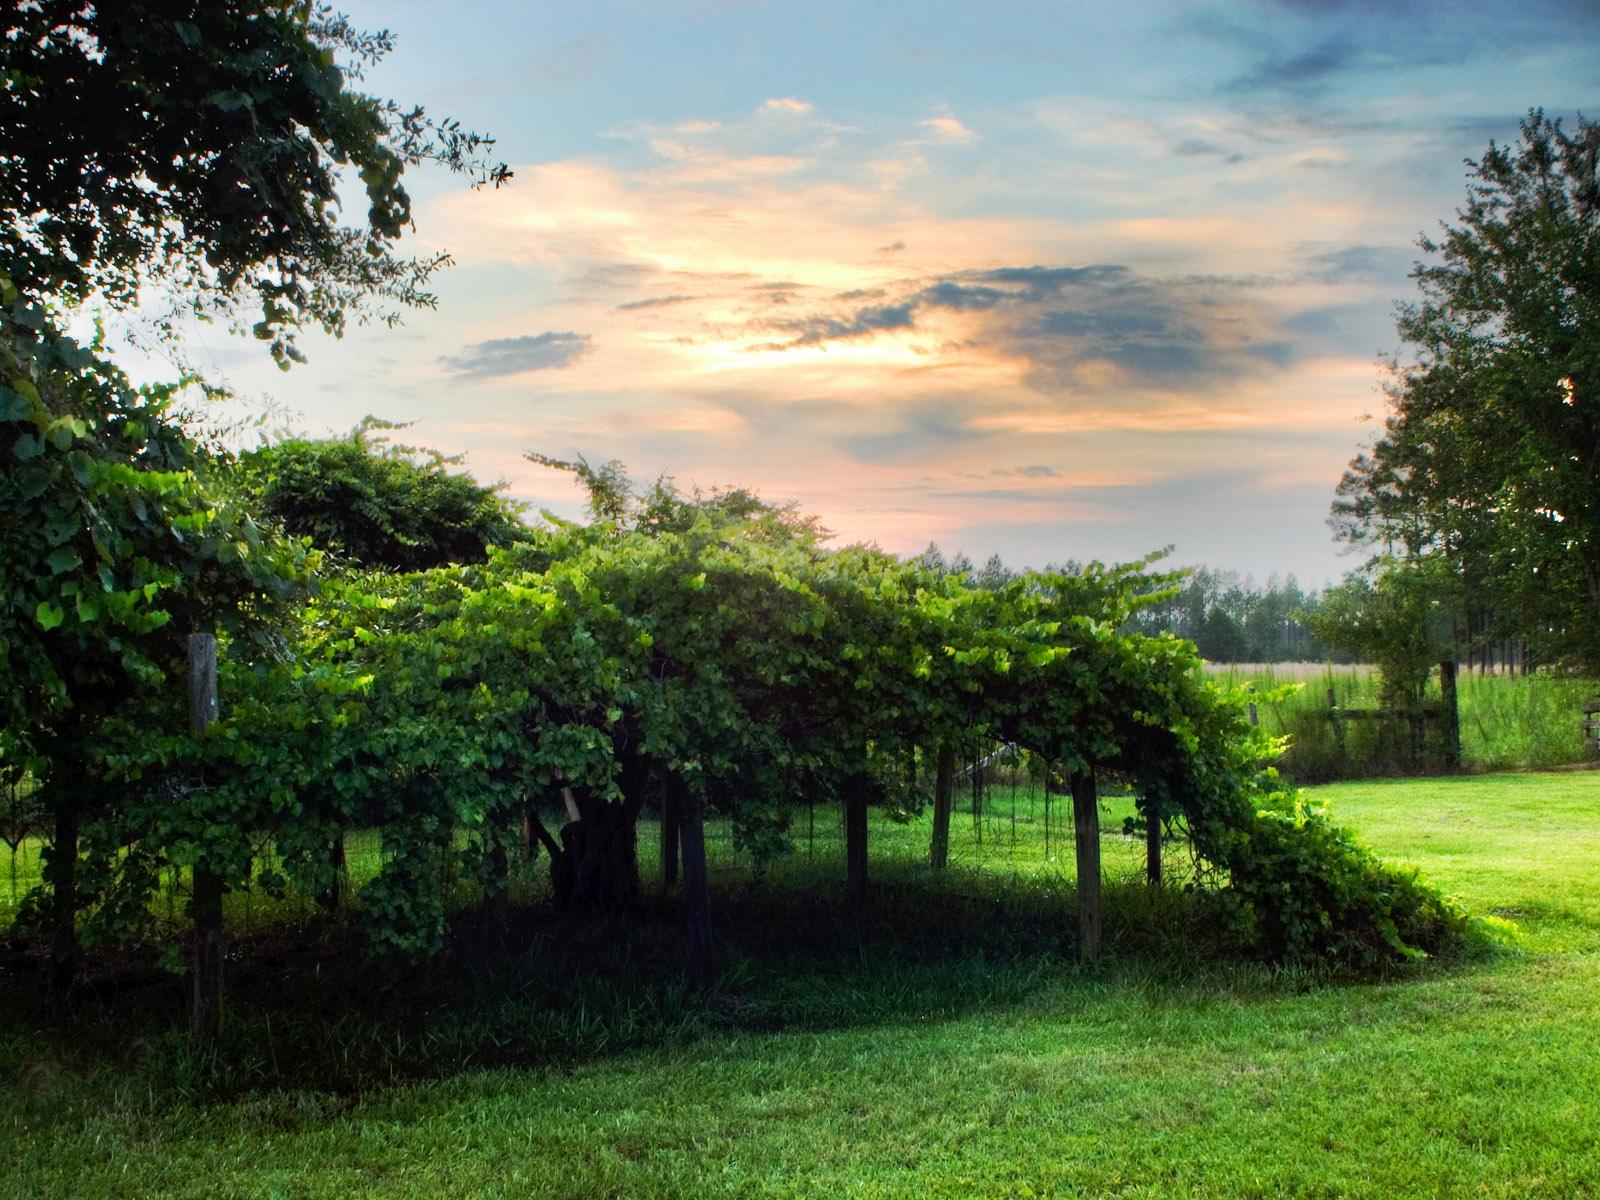 http://4.bp.blogspot.com/-gLsUhPuBYfA/Ta3aMBUo2LI/AAAAAAAAAWA/rVYTDg-lGBY/s1600/natural_scene_1600x1200.jpg